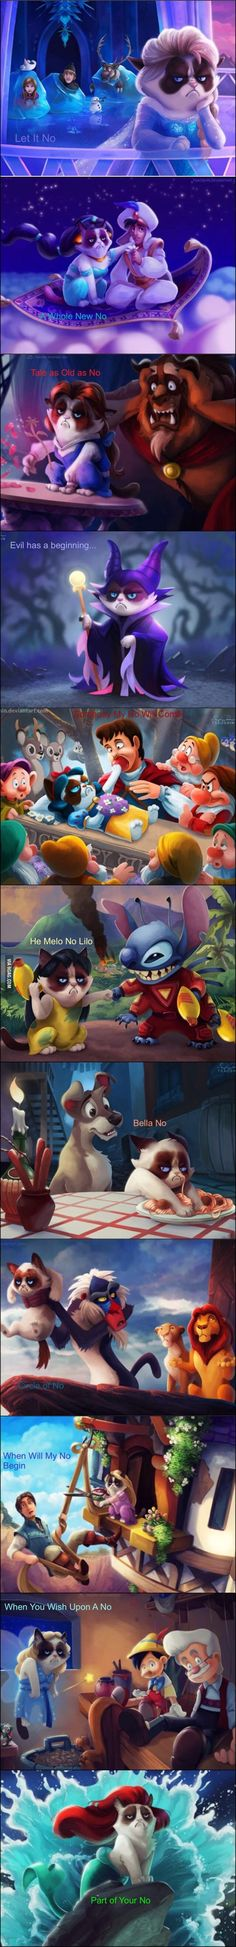 No no no... - Grumpy Cat #GrumpyCat